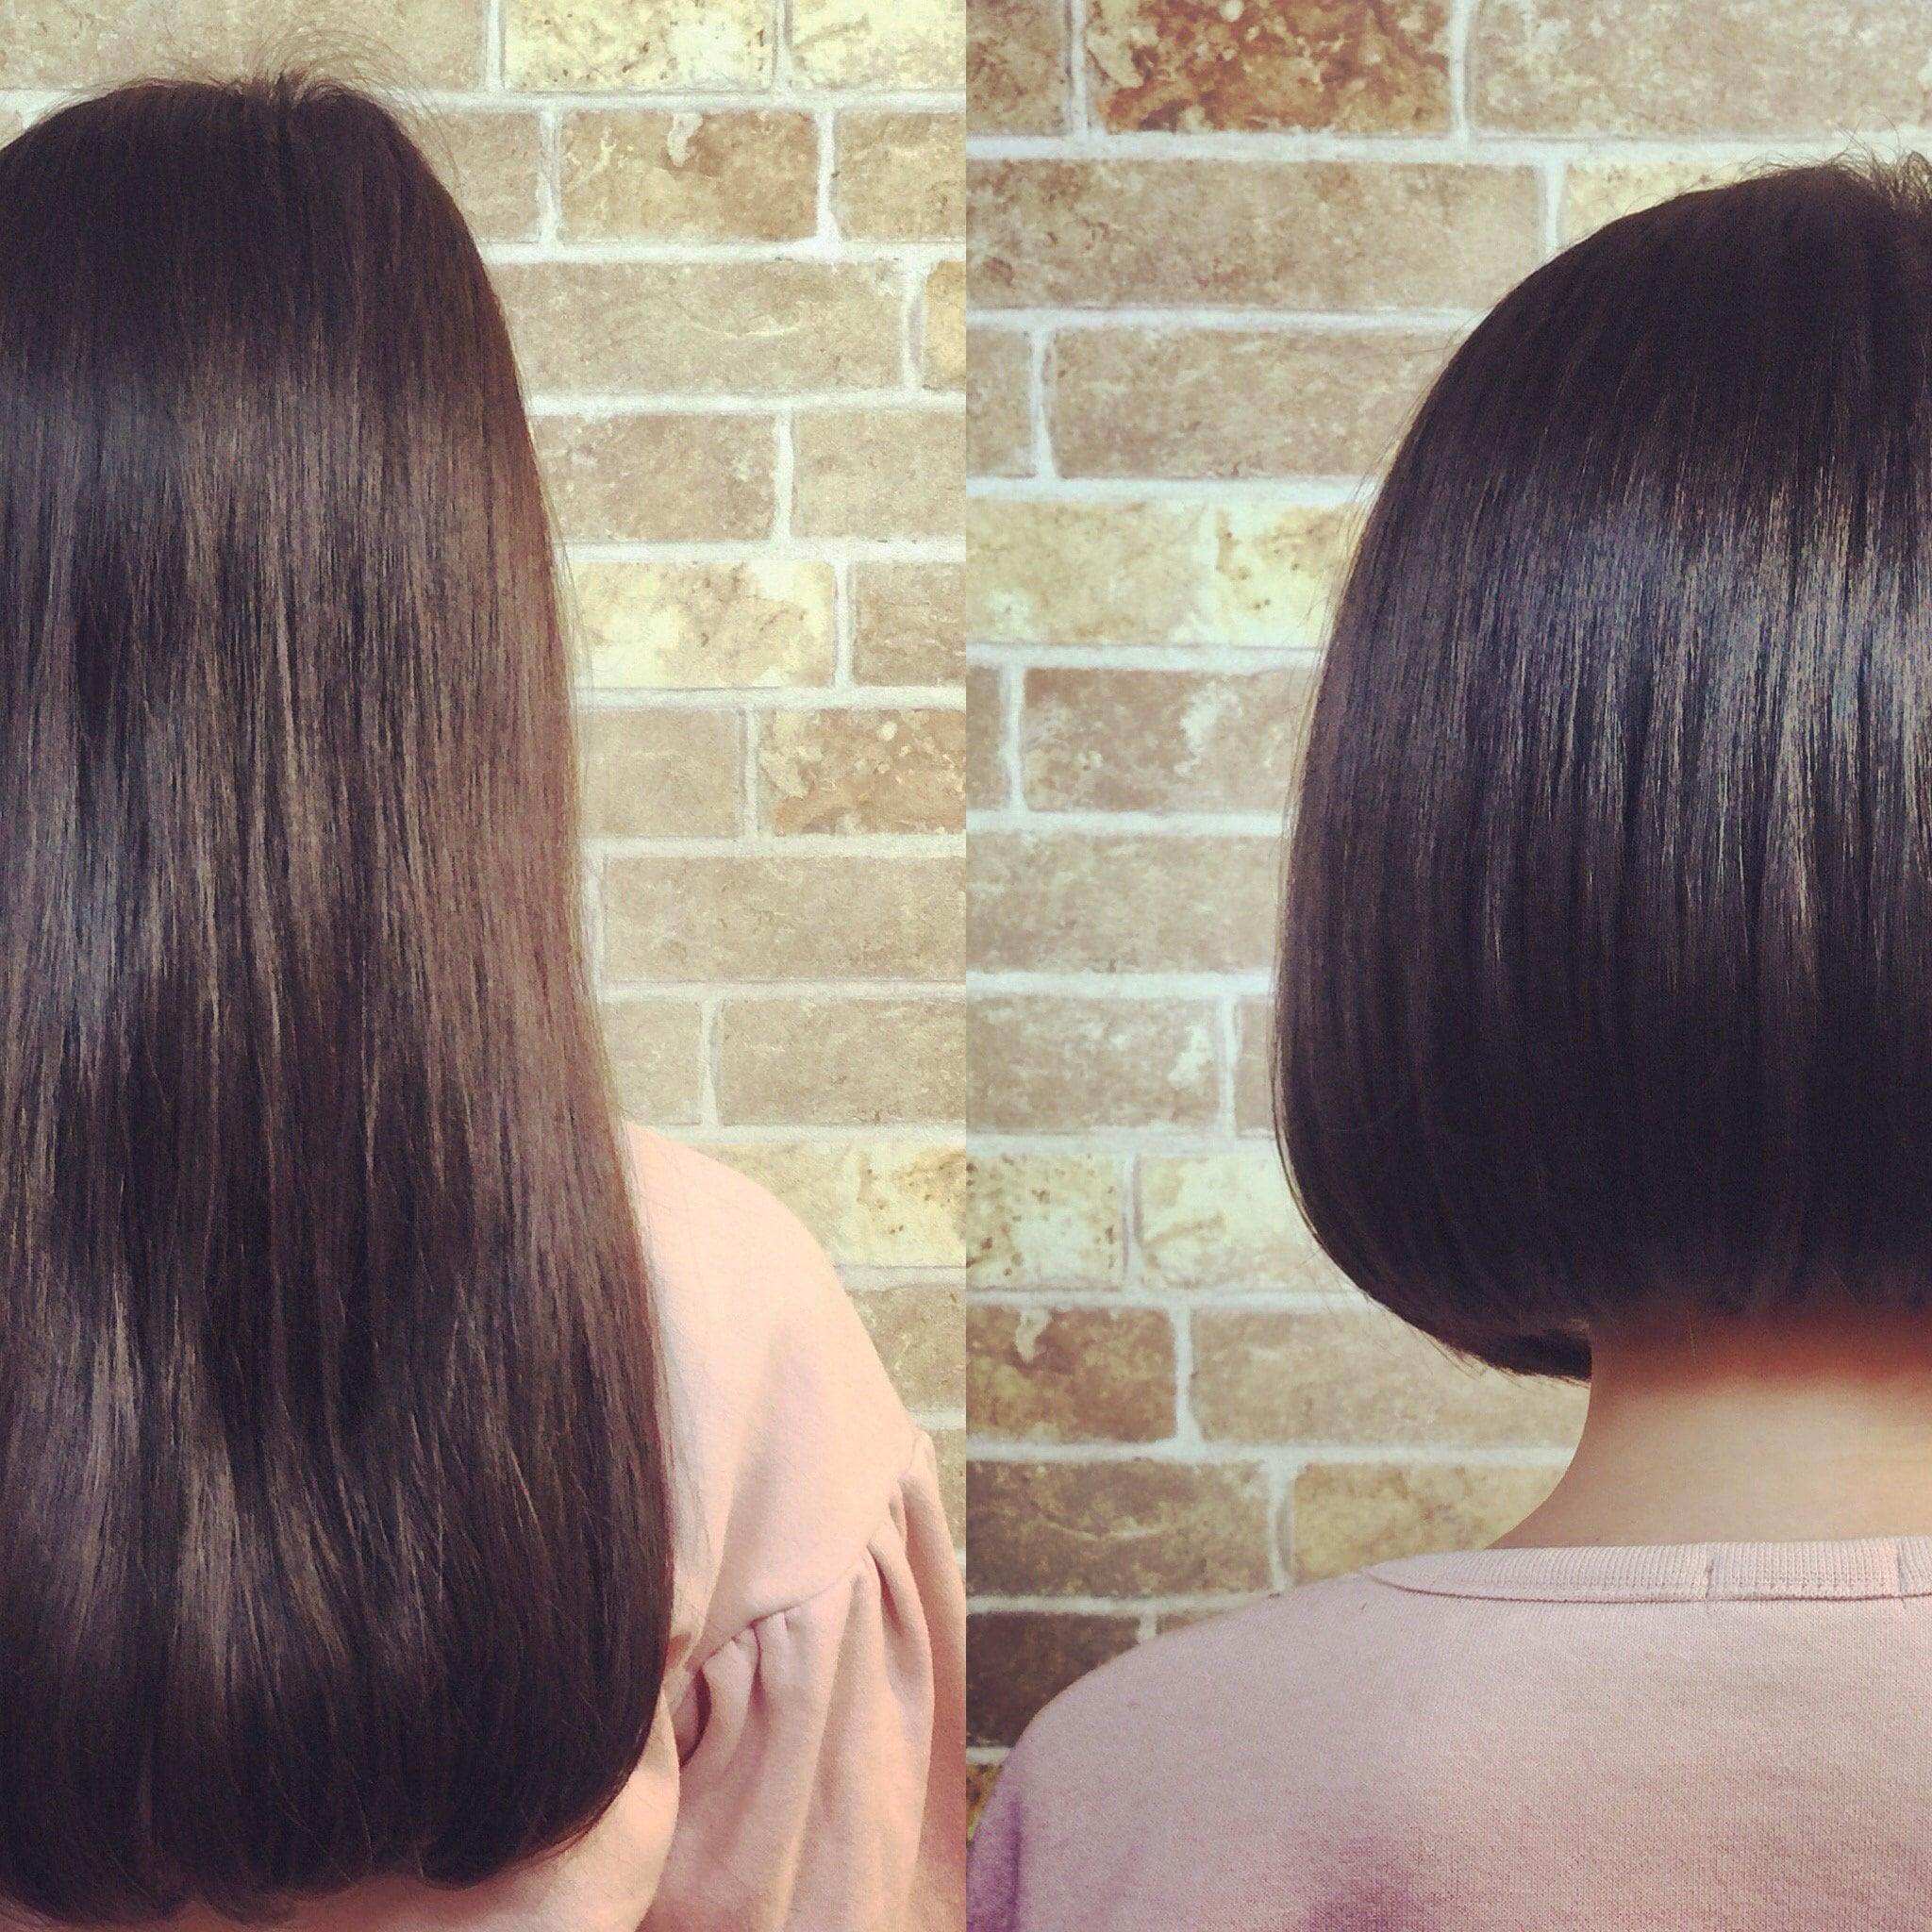 【店頭で支払い】カットチケット✂再現性抜群!あなたの髪質を考慮したお悩み解決カットのイメージその6